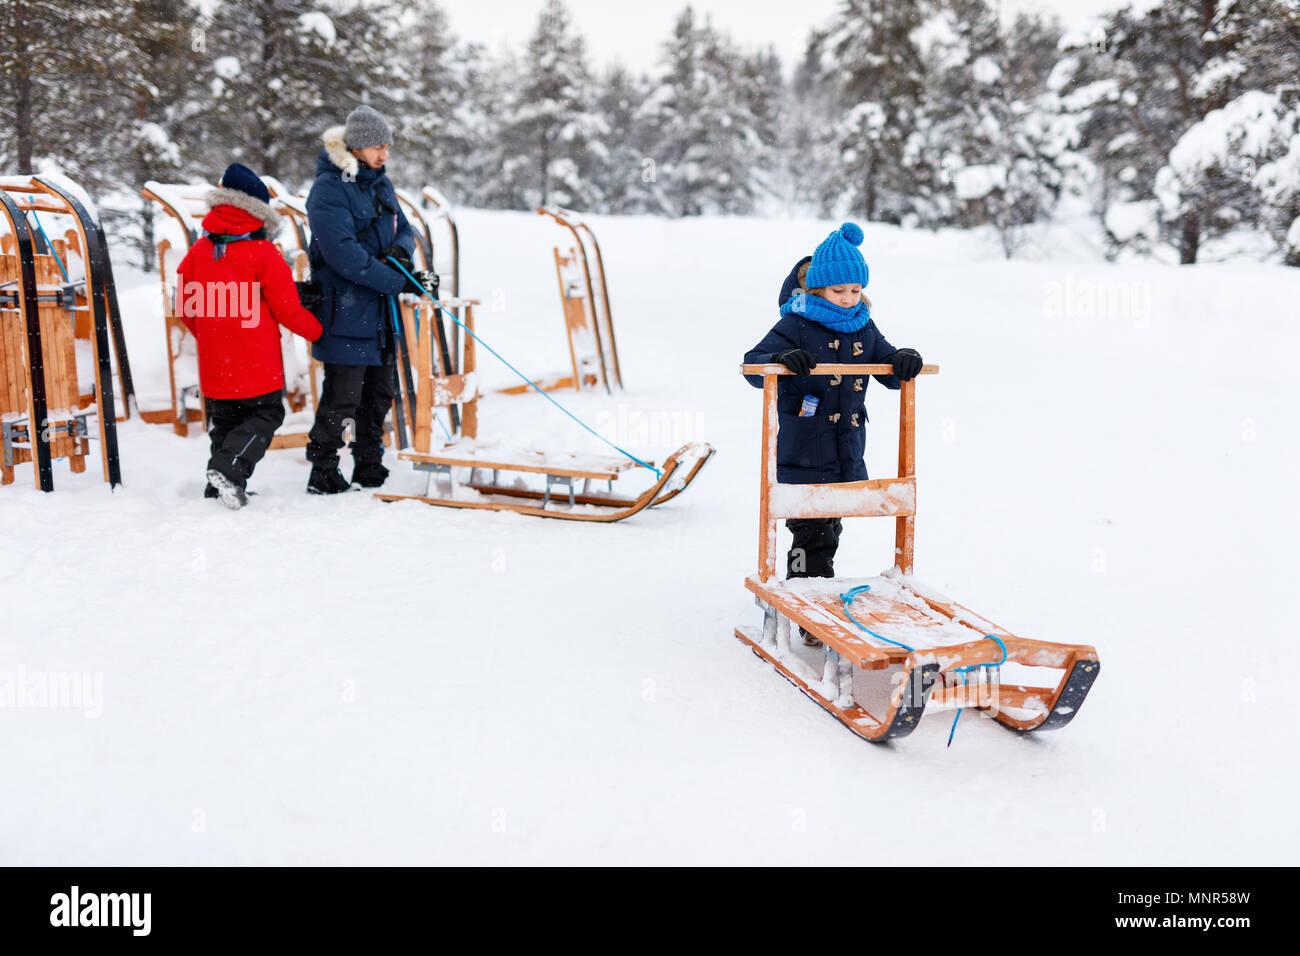 Bella famiglia del padre e figli godendo nevoso inverno giorno all'aperto avendo divertimento slittino Immagini Stock